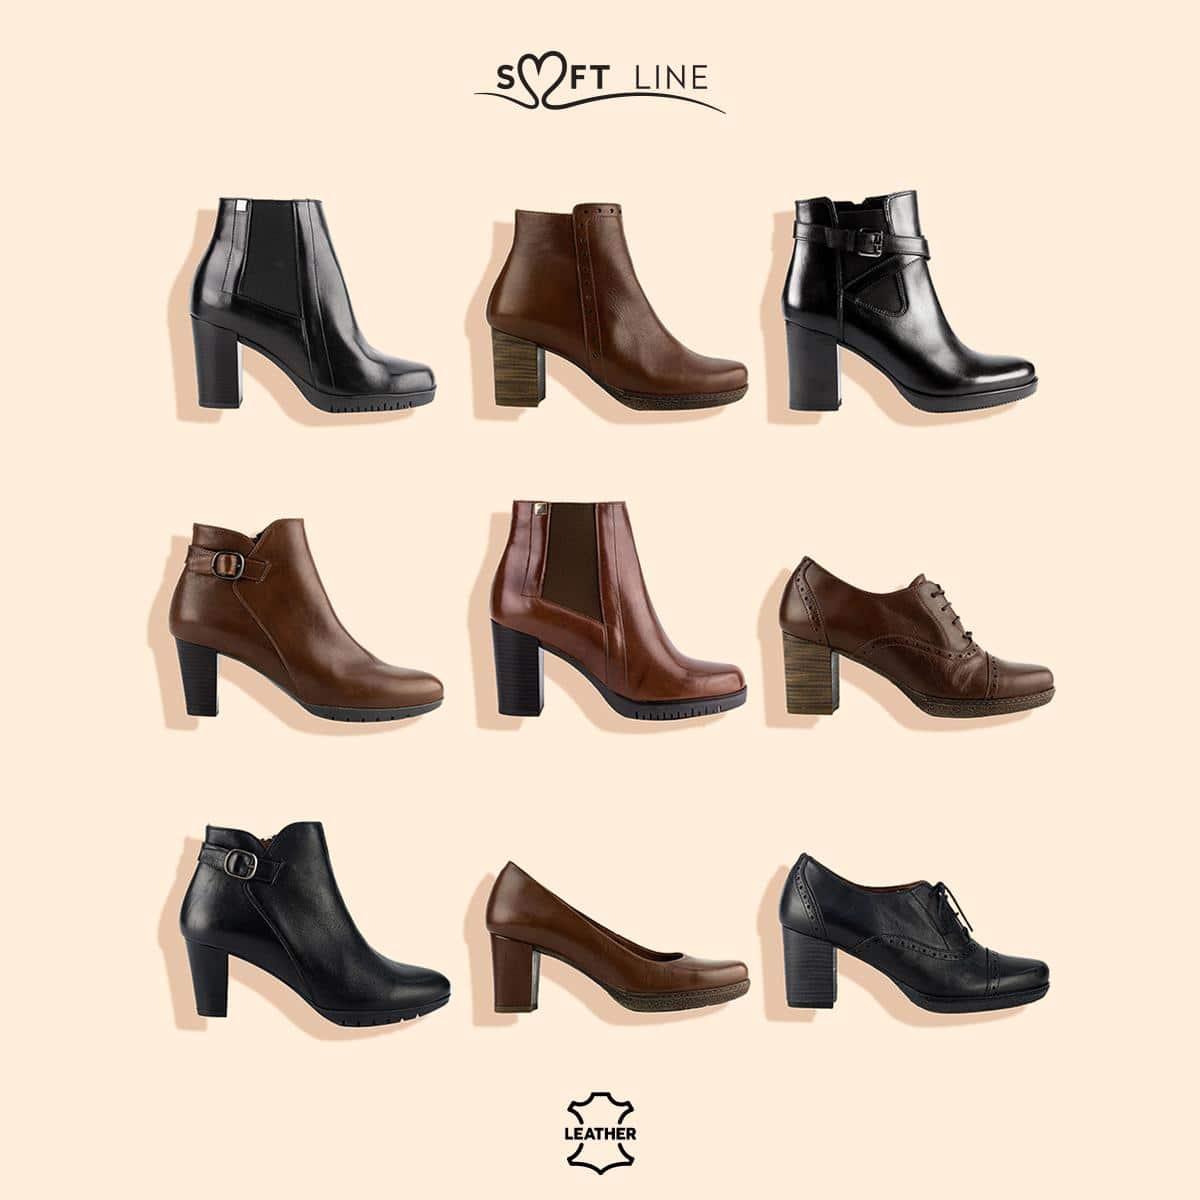 Τα πιο αναπαυτικά παπούτσια στην αγορά